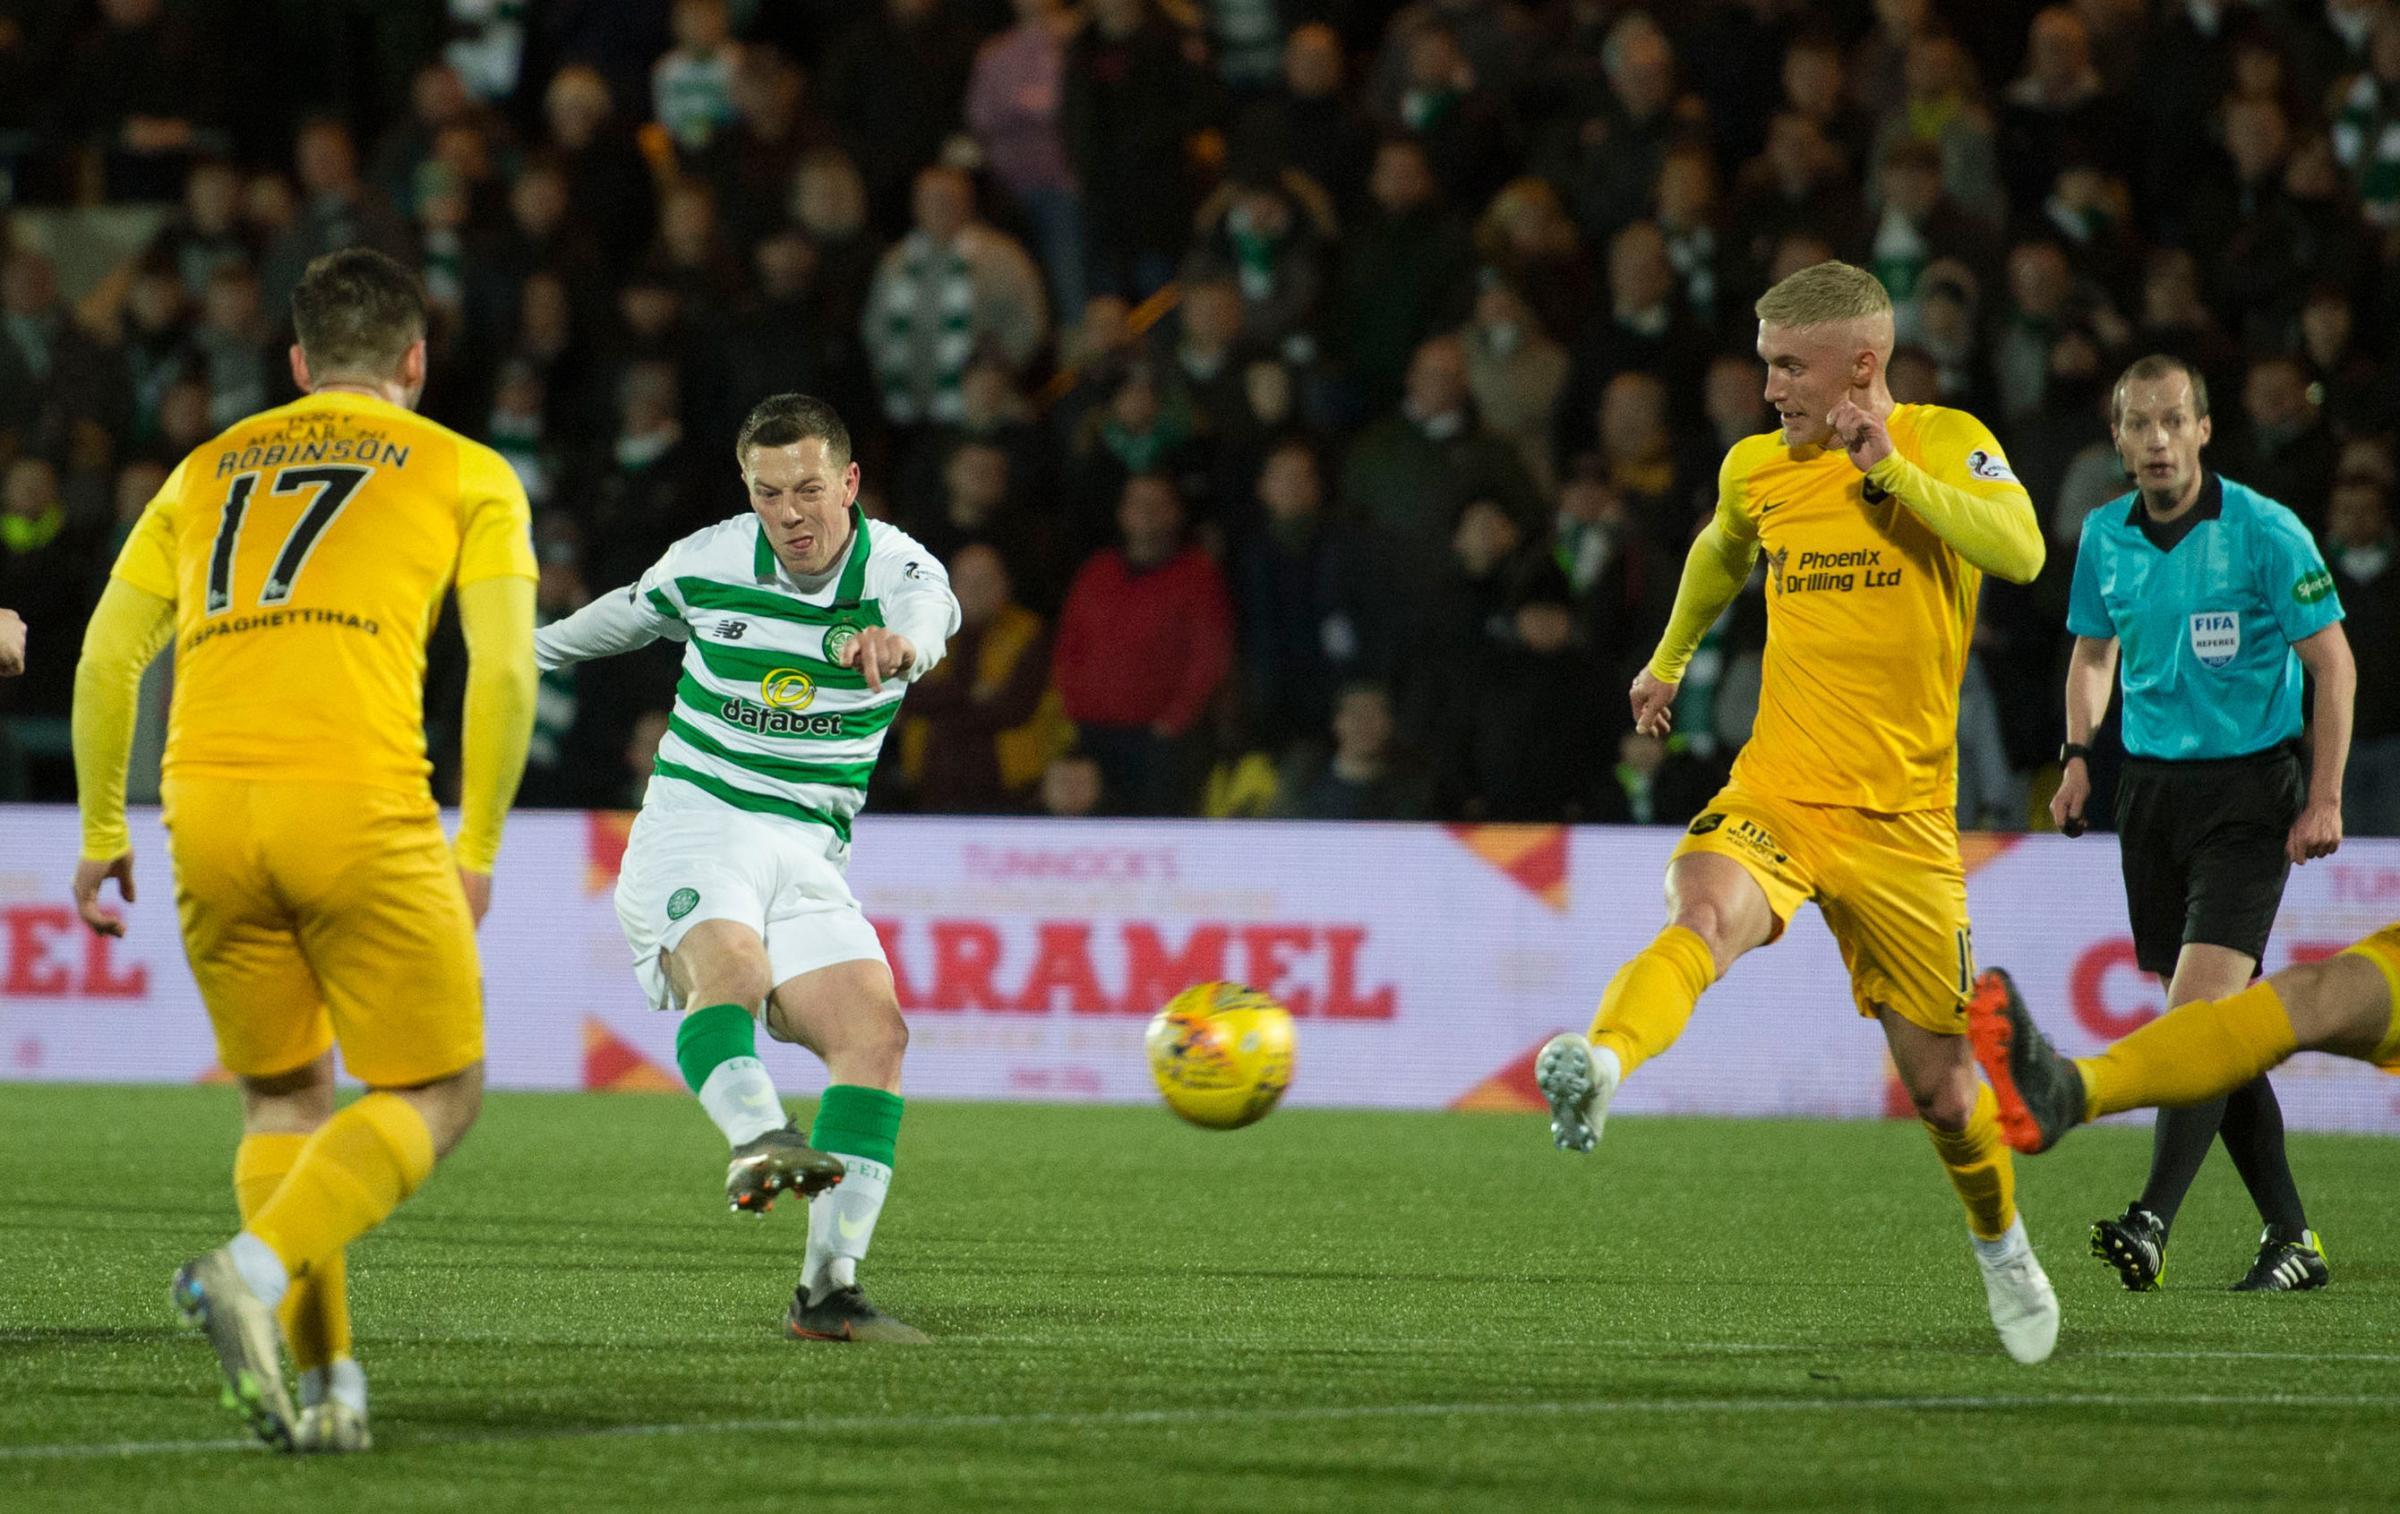 Livingston 2 Celtic 2: Injury-time Tom Rogic strike sends Neil Lennon's men 13 points clear